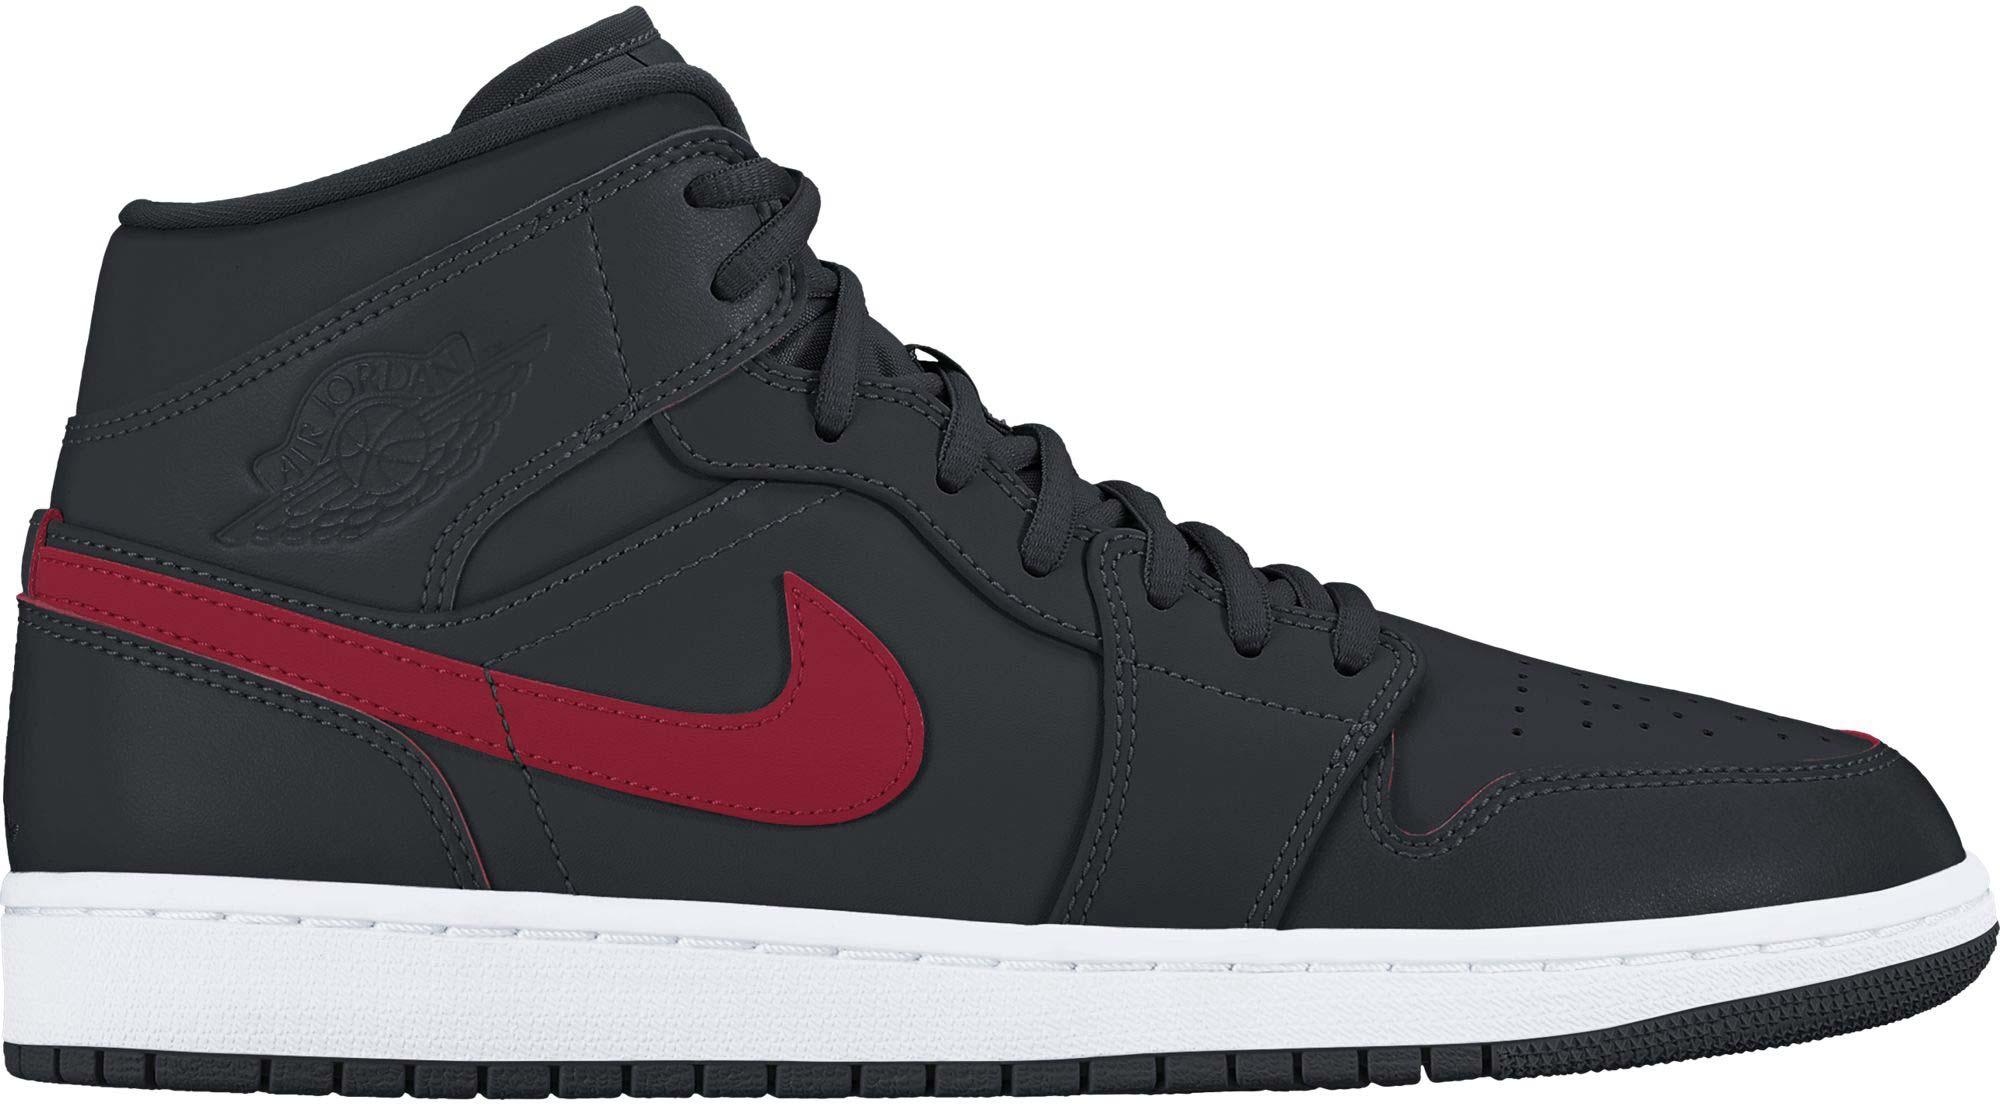 ac9d1578964d Nike AIR JORDAN 1 MID SHOE. Pánské tenisky Jordan